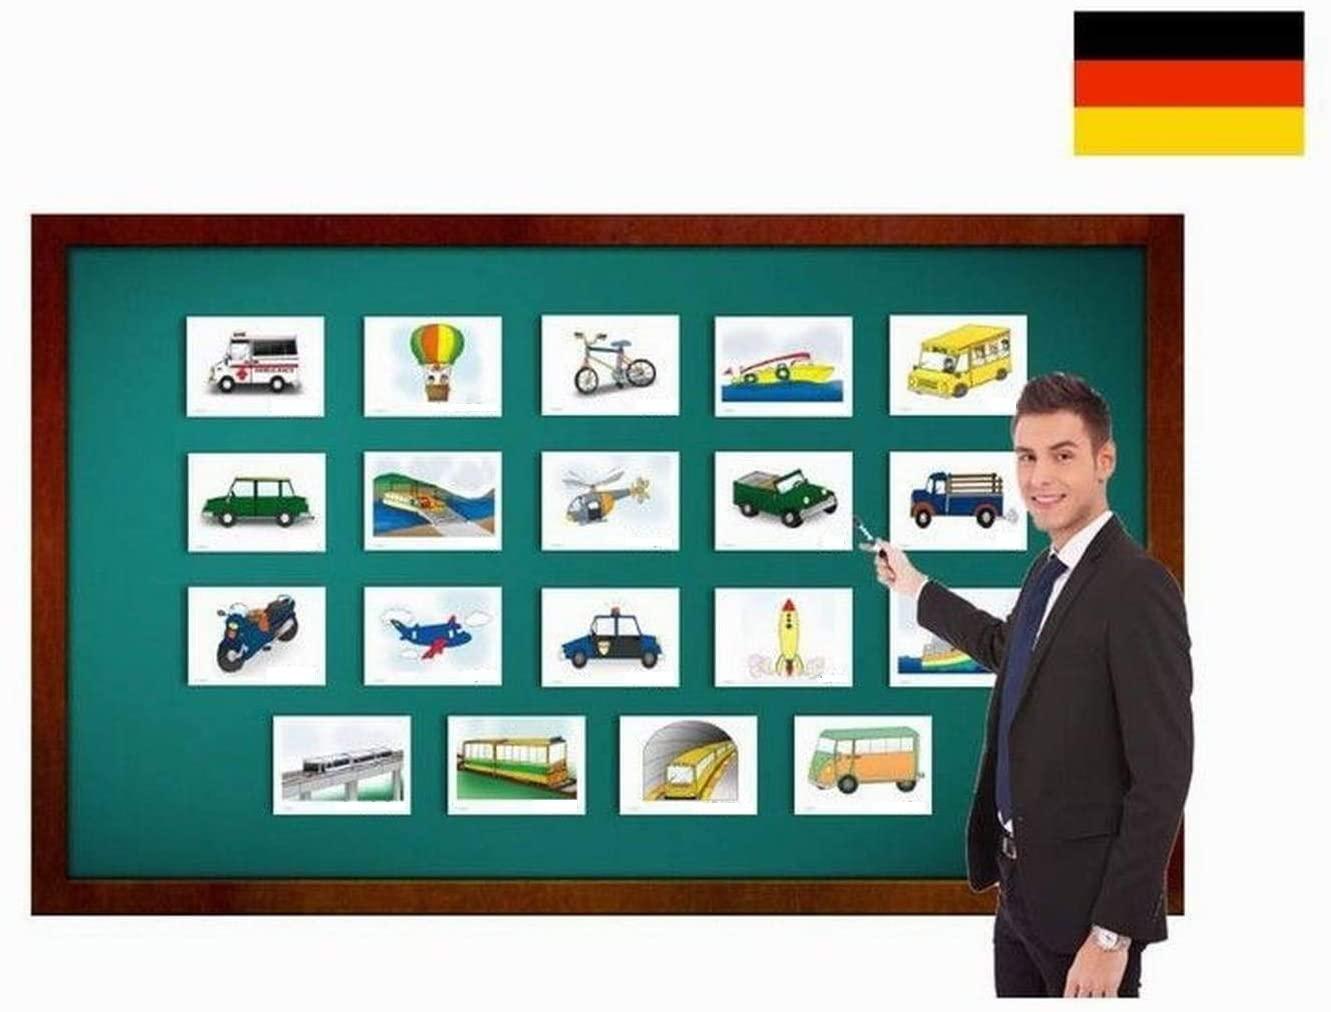 Transportation and Vehicle Flashcards - Bildkarten zur Sprachförderung - Transportmittel